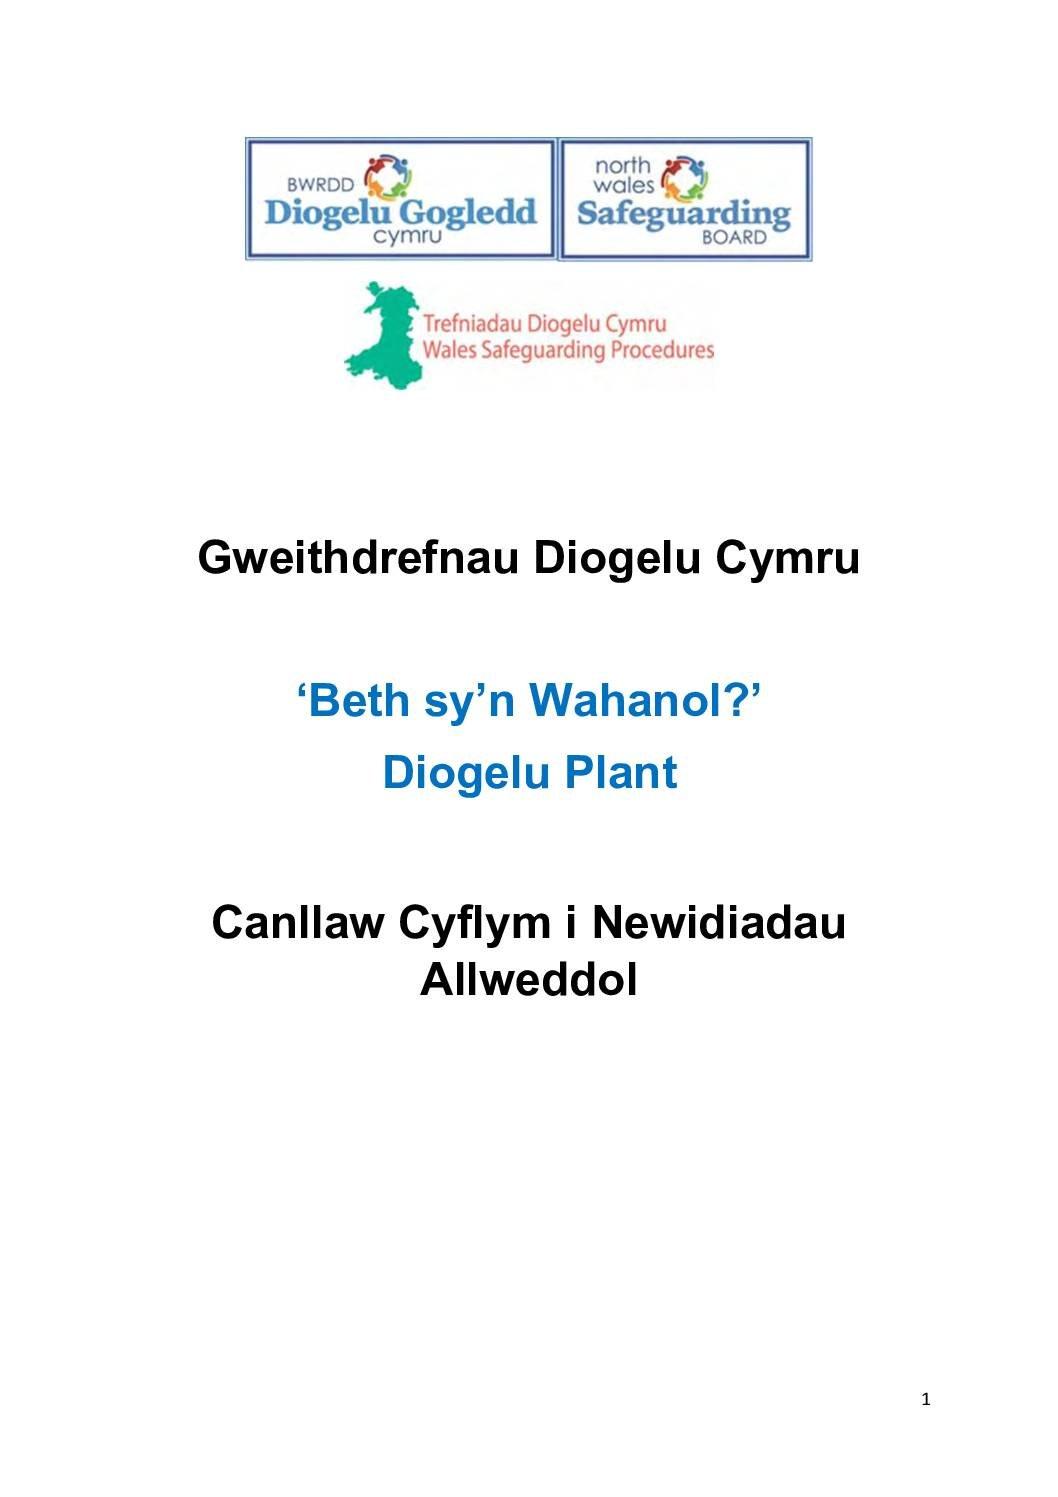 Gweithdrefnau Diogelu Cymru 'Beth sy'n Wahanol?' Diogelu Plant